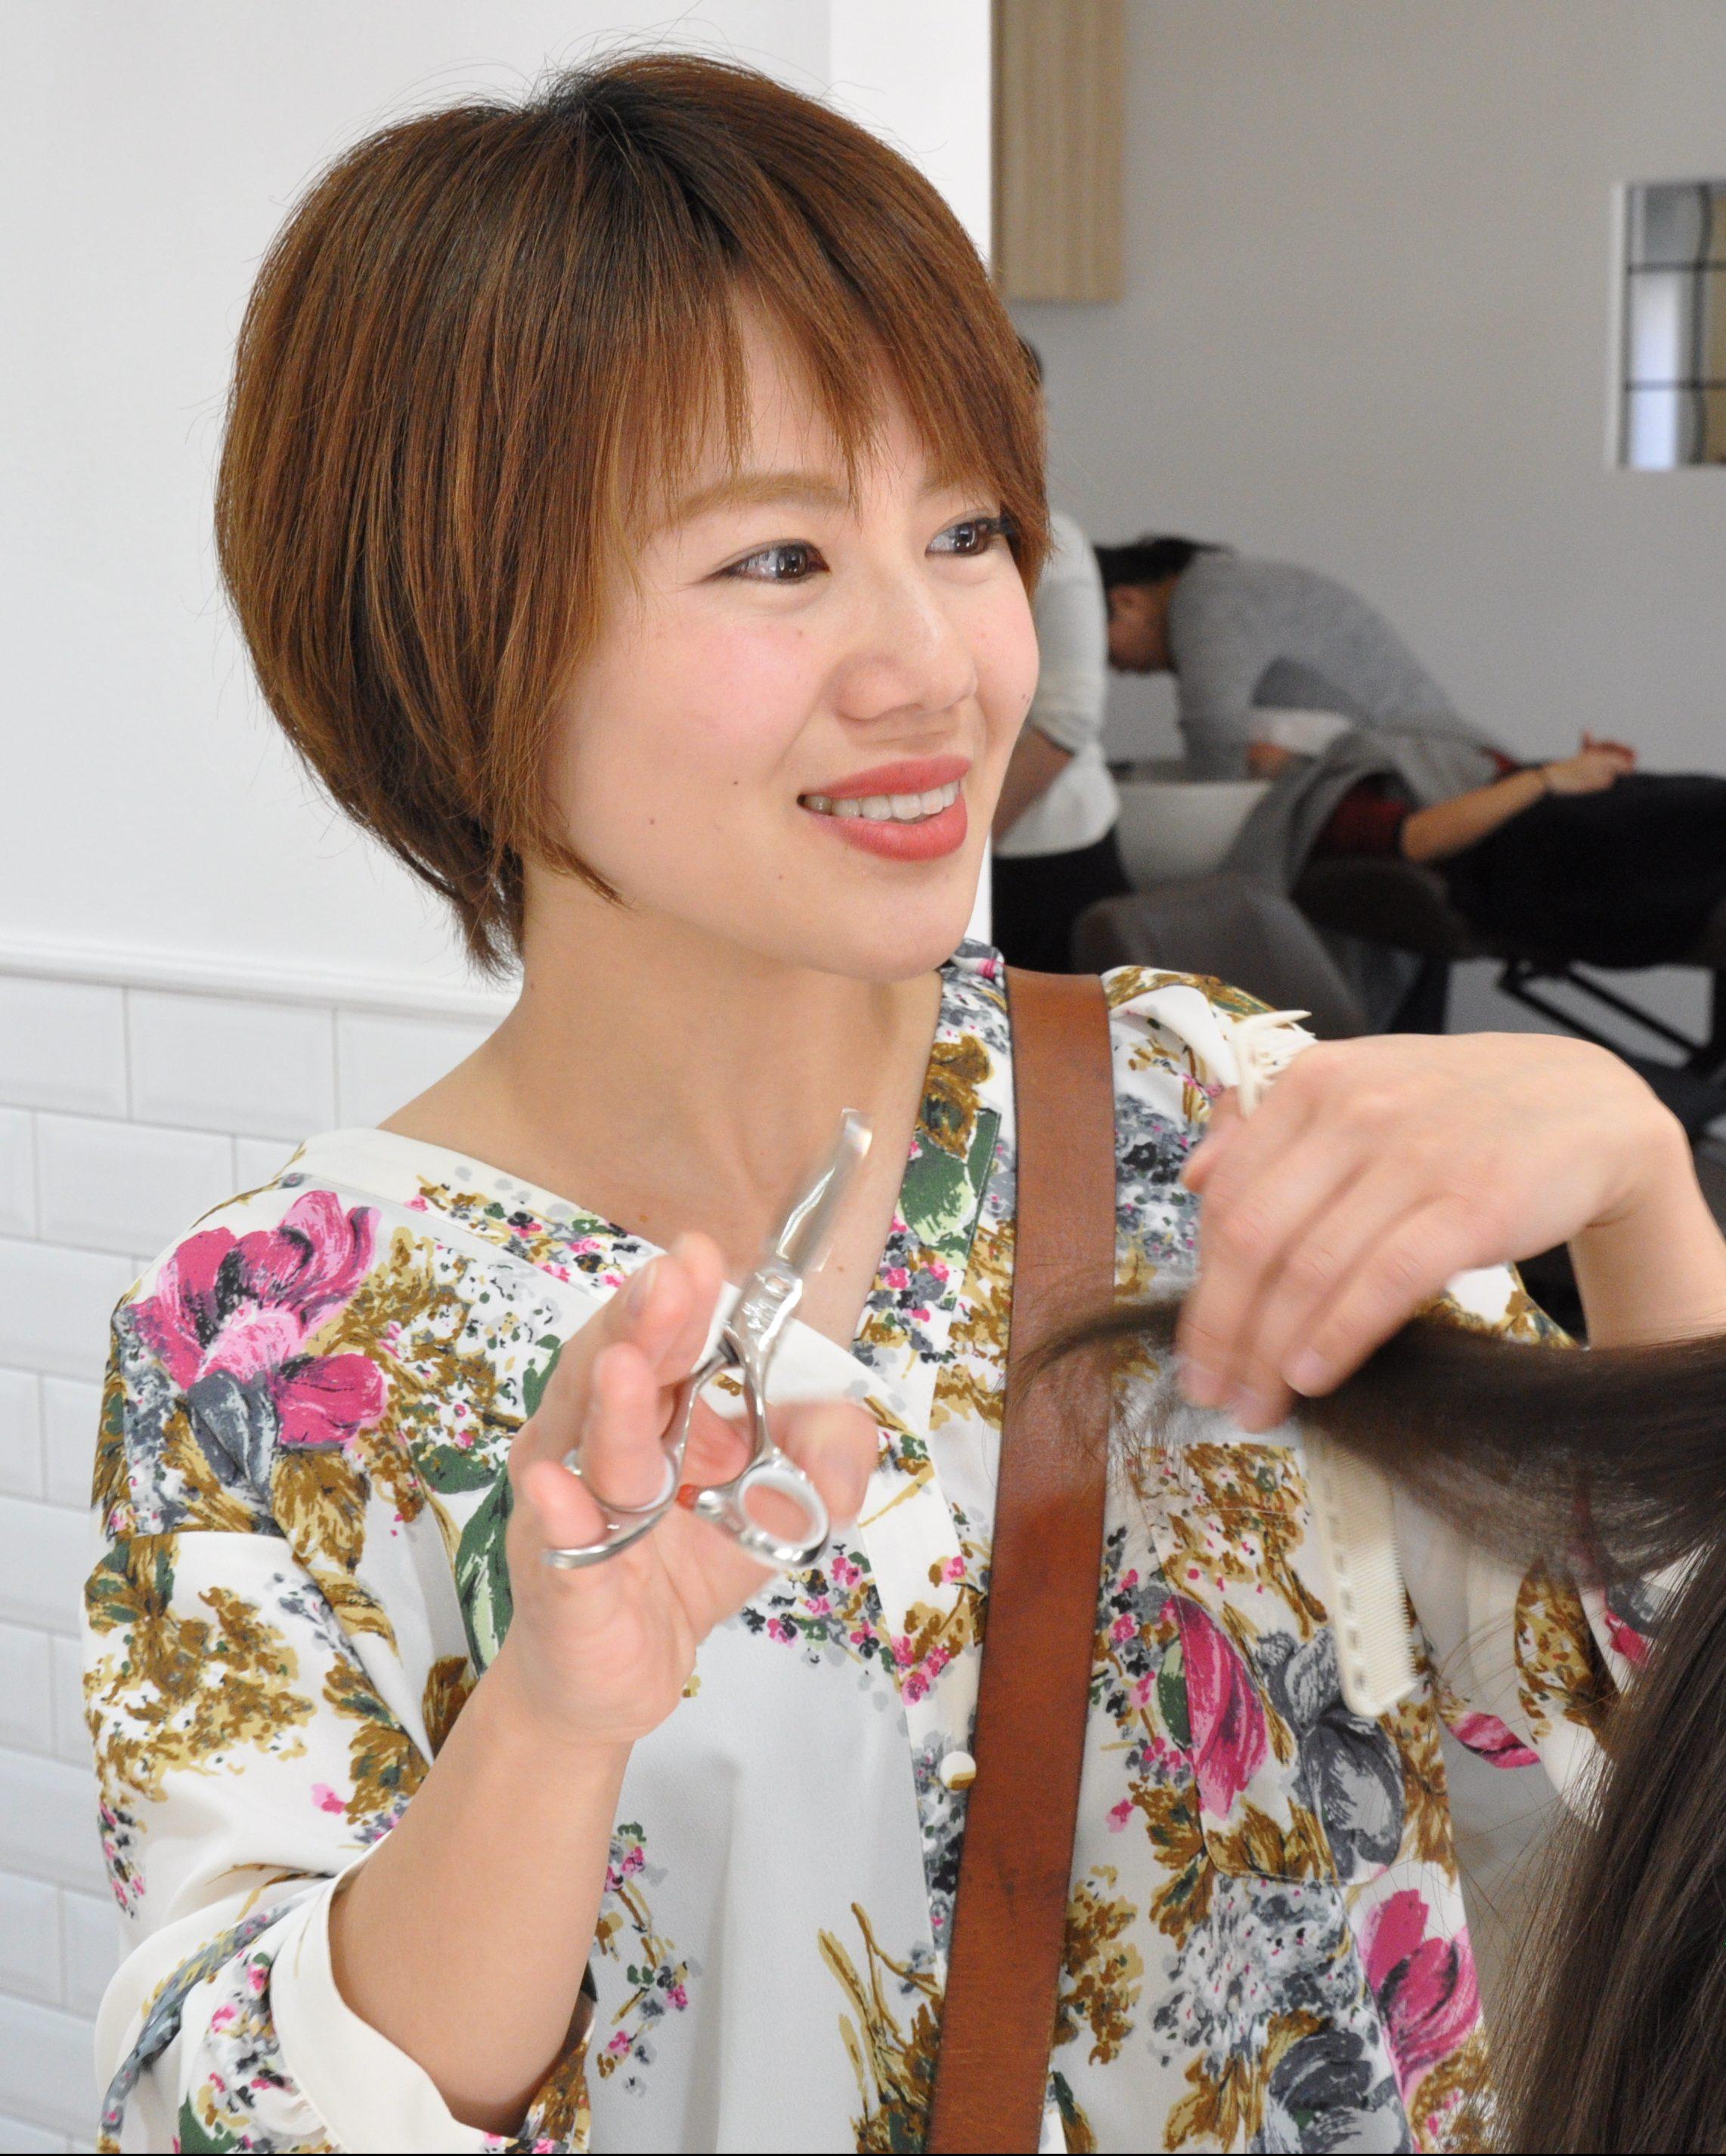 豊橋市の美容室(美容院) KYLiE | 夏目佐智子